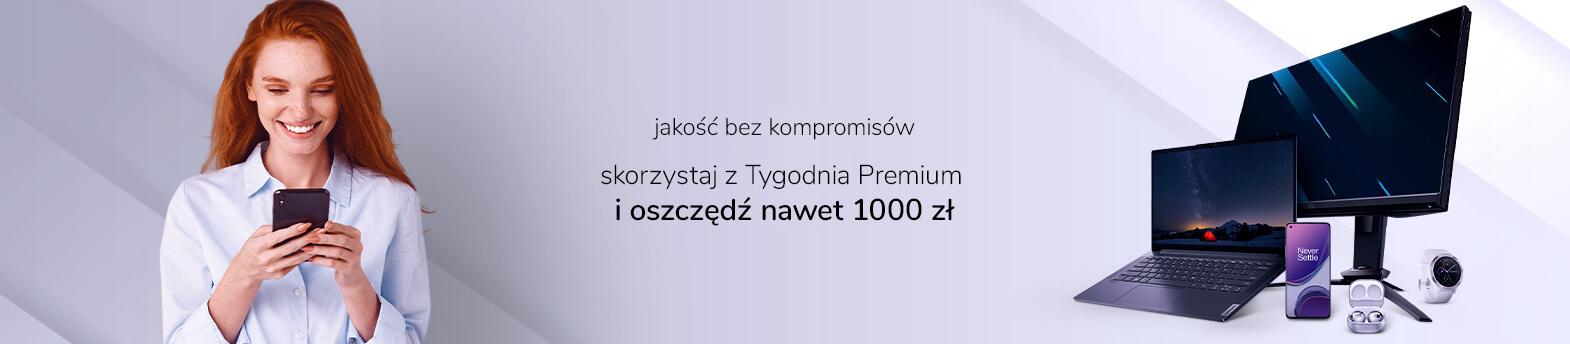 Tydzień Premium